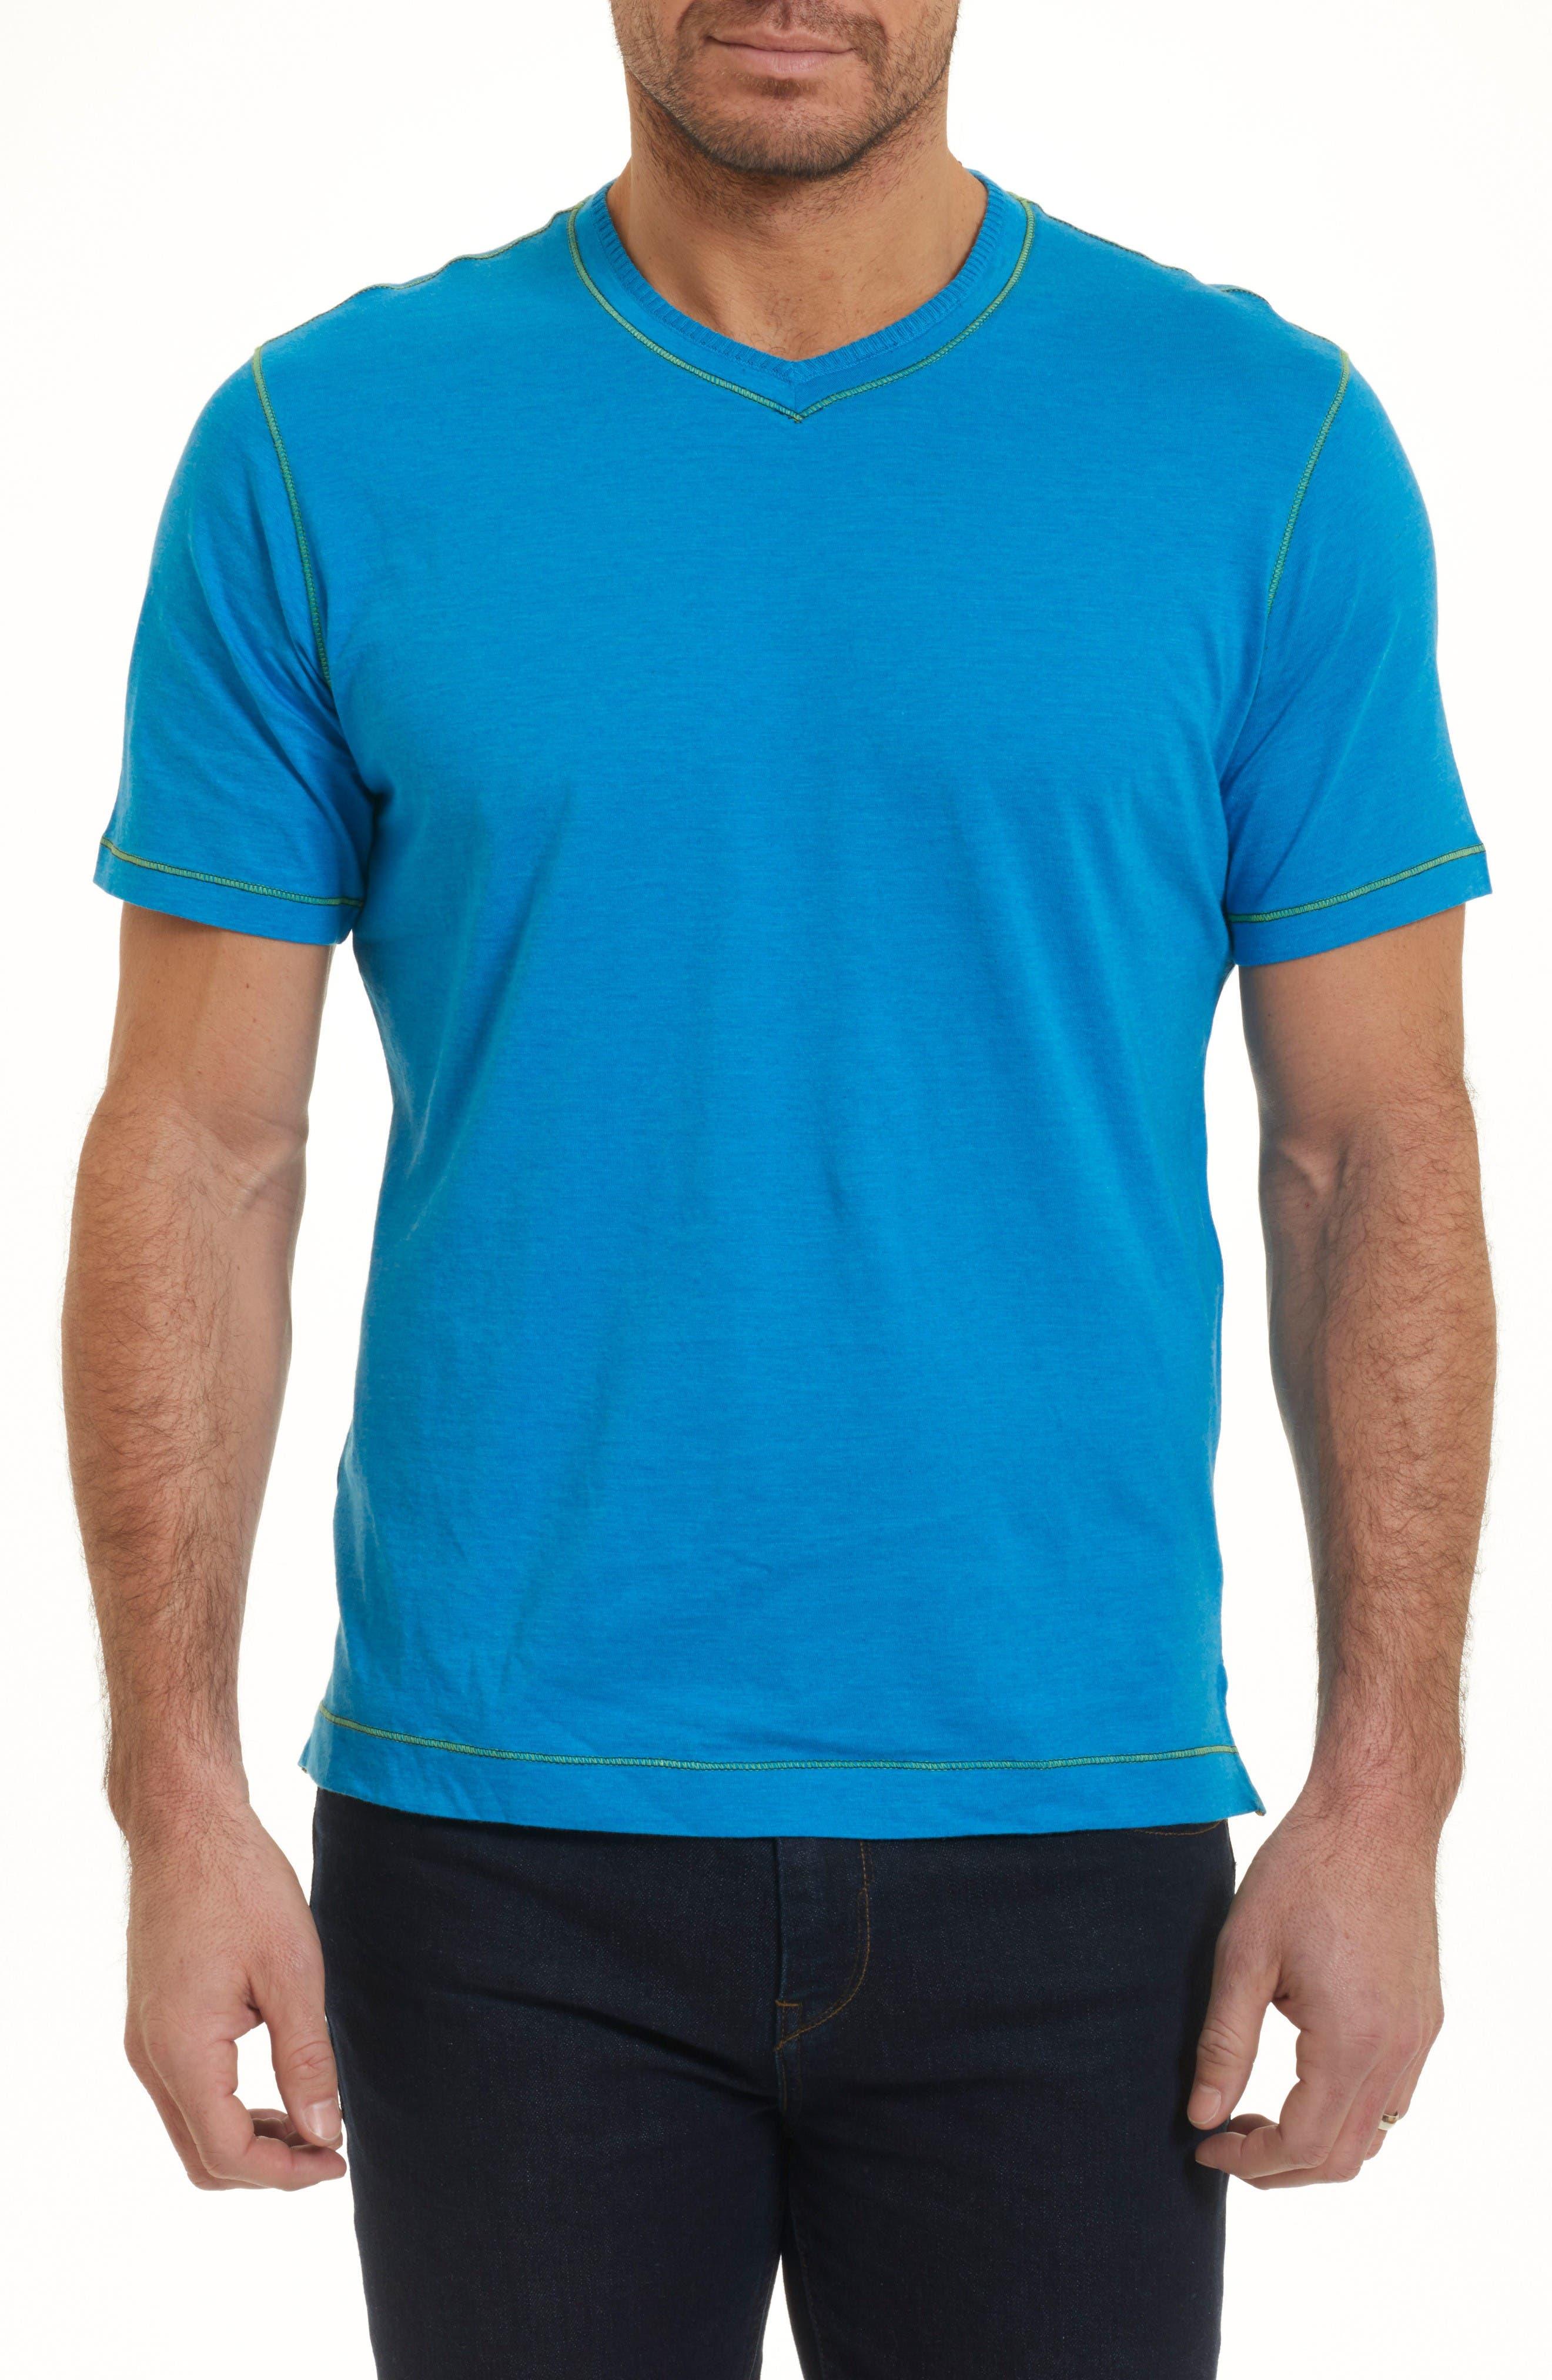 Alternate Image 1 Selected - Robert Graham Traveler V-Neck T-Shirt